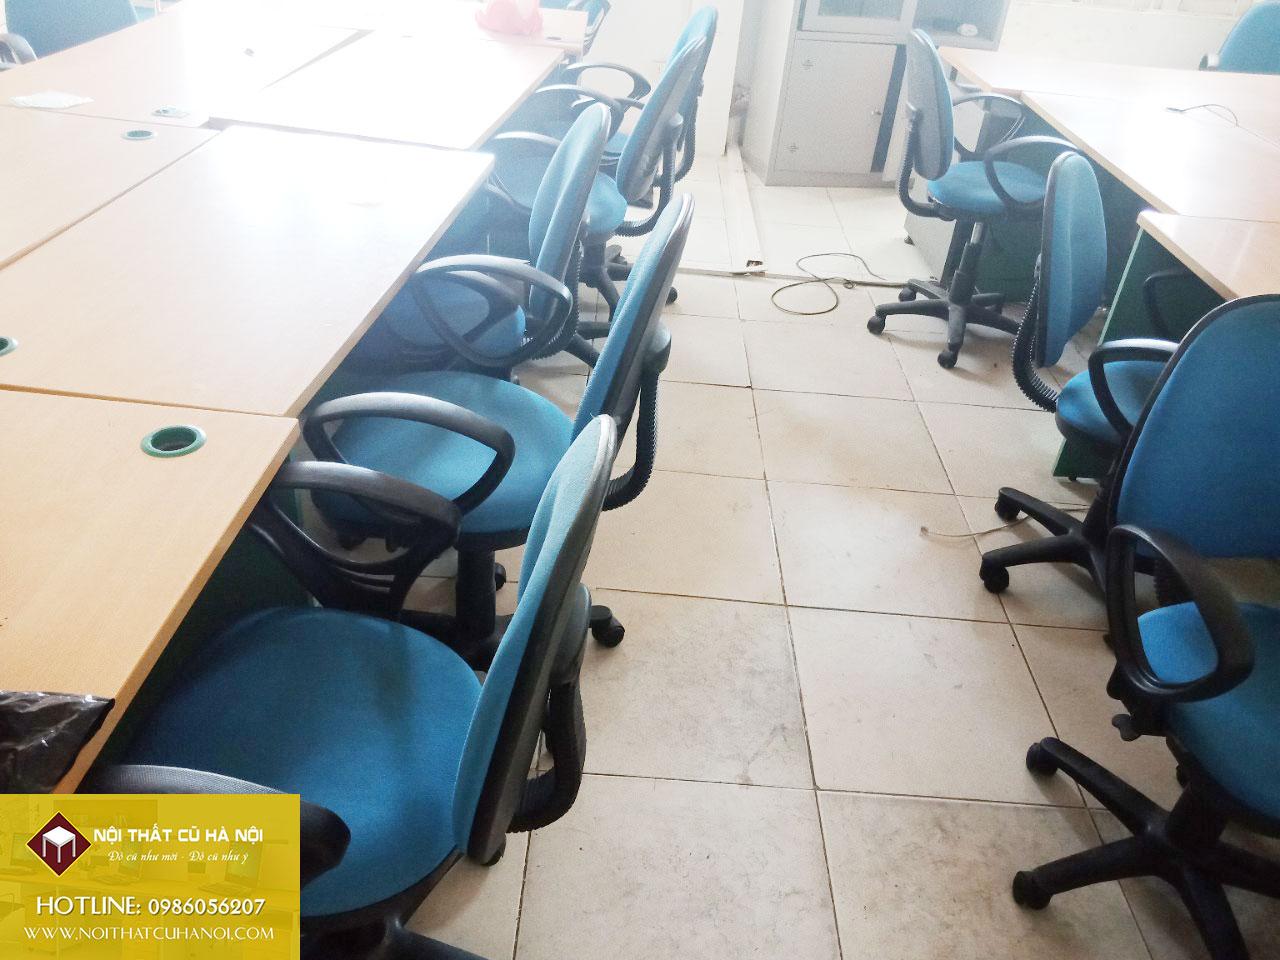 Bàn ghế cũ thanh lý tại Quận Hoàn Kiếm Hà Nội